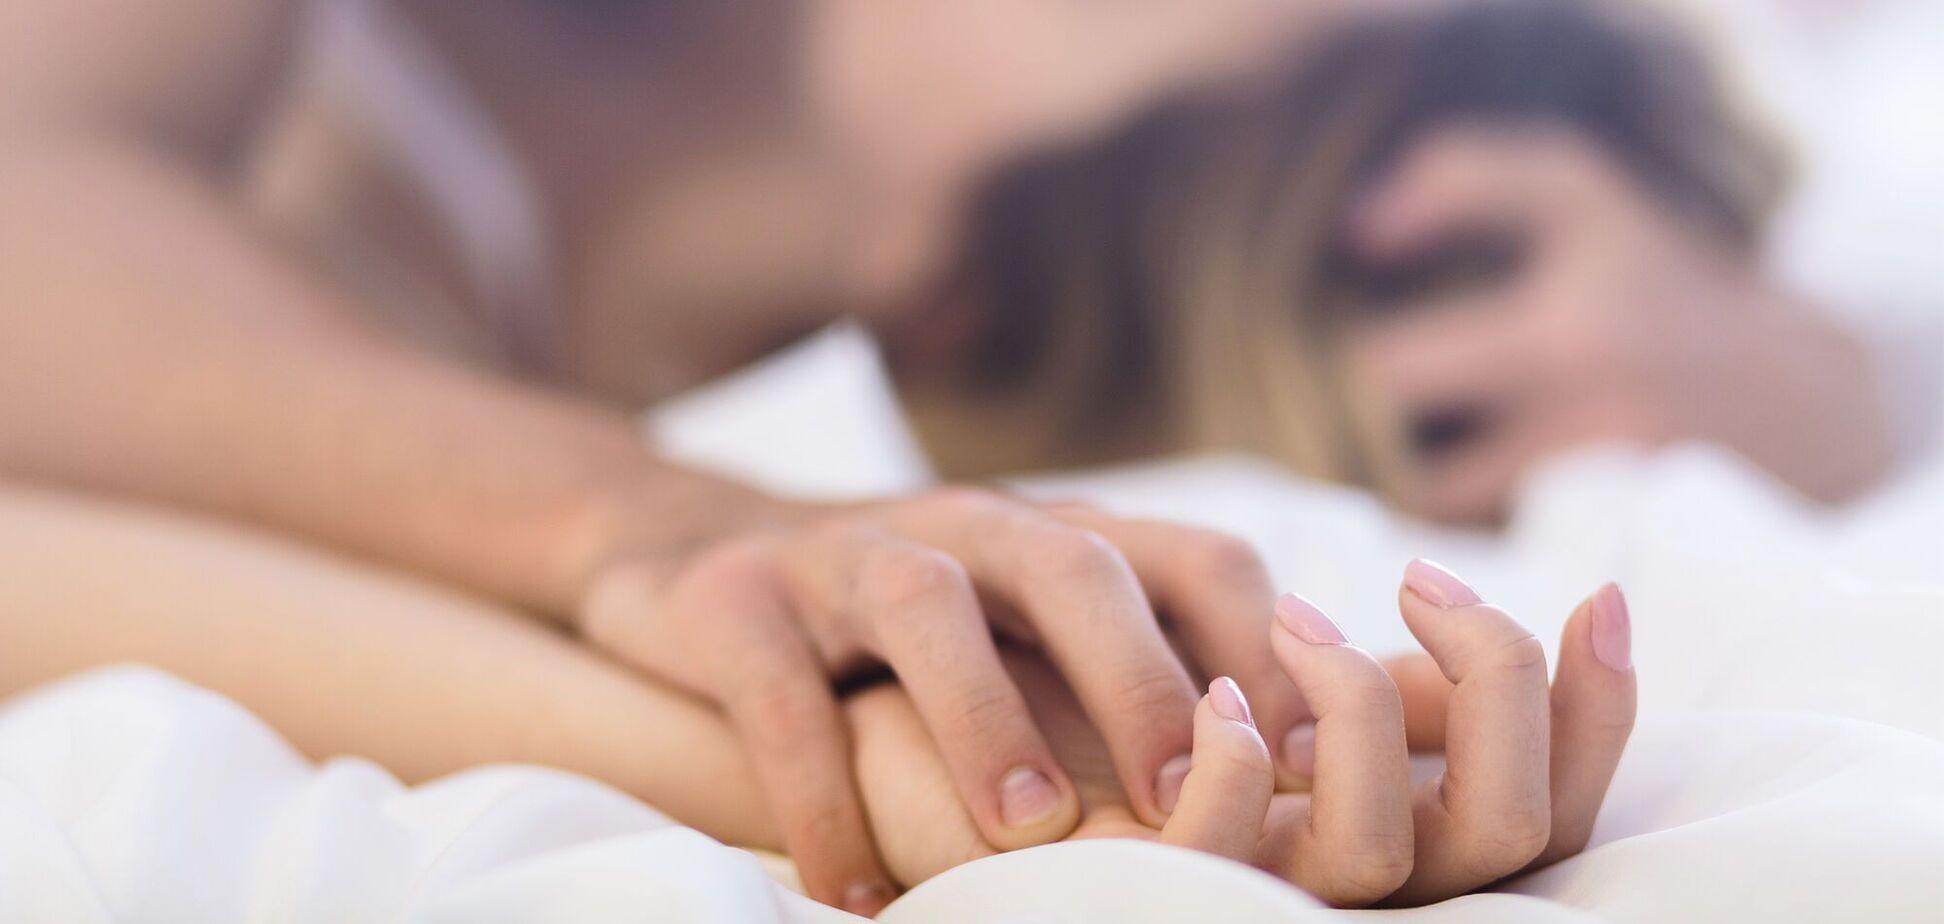 Что должна знать женщина о мужчине, прежде чем заняться с ним сексом: названы факты